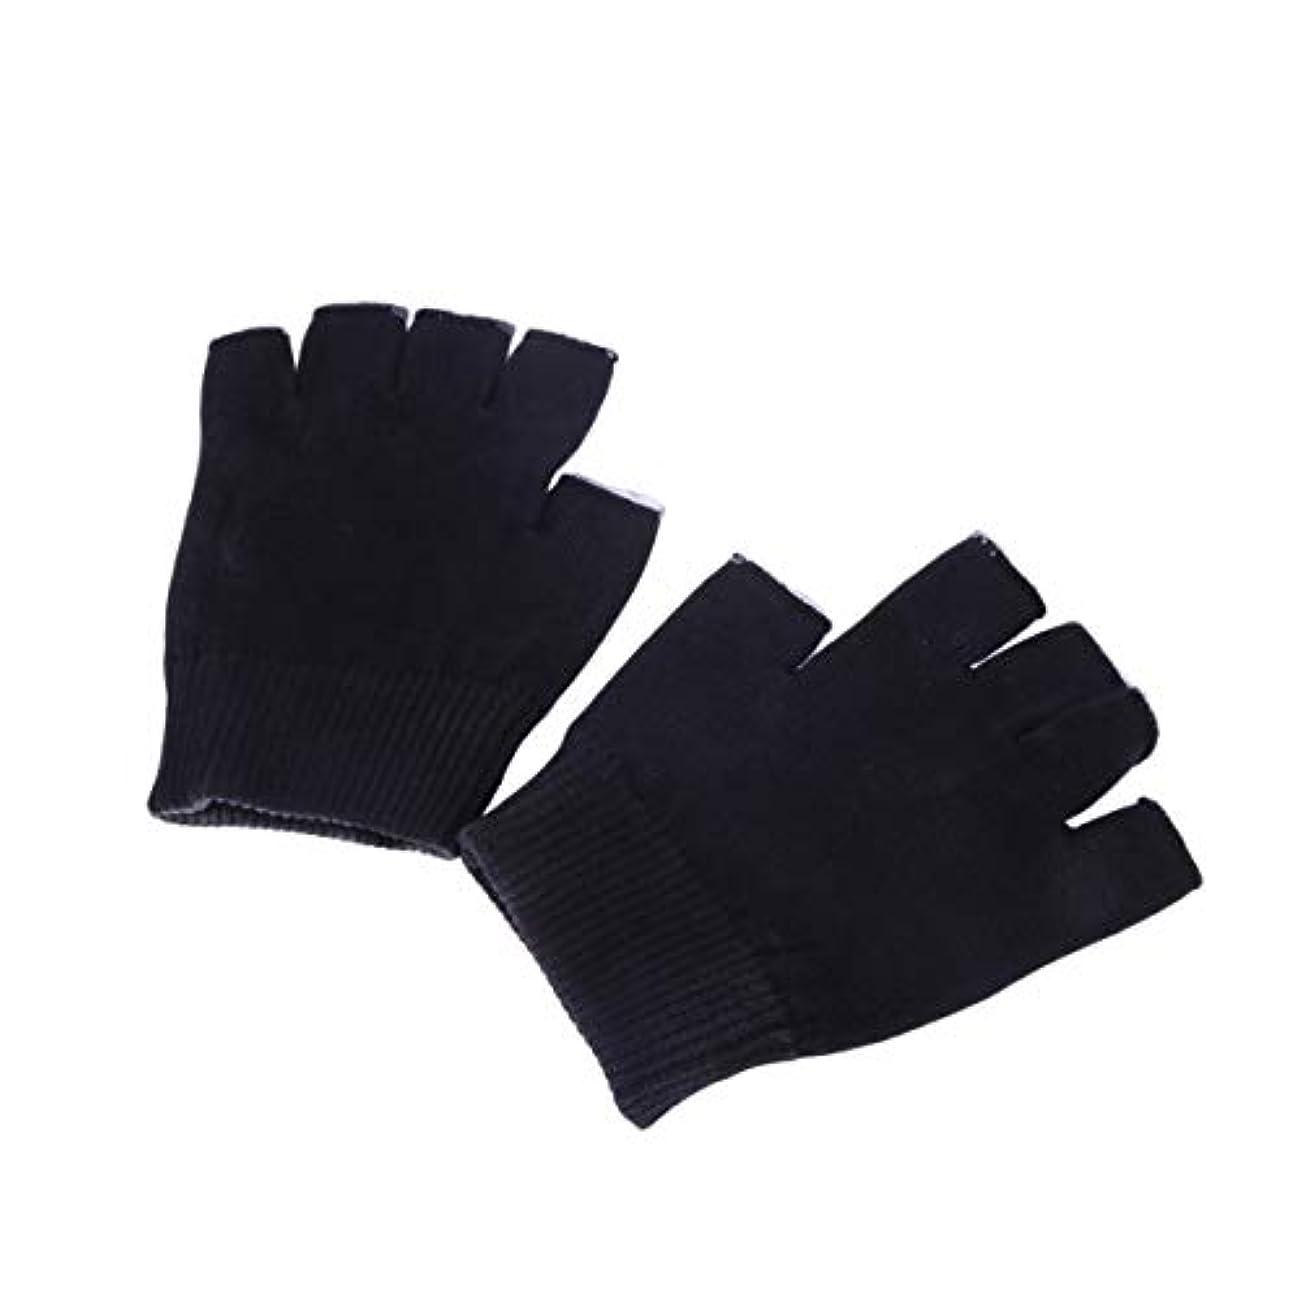 病的社会主義レパートリーSUPVOX ハンドケア 手袋 指なし ゲル 保湿 美容成分配合 手荒れ 対策 おやすみ スキンケア グローブ うるおい 保護